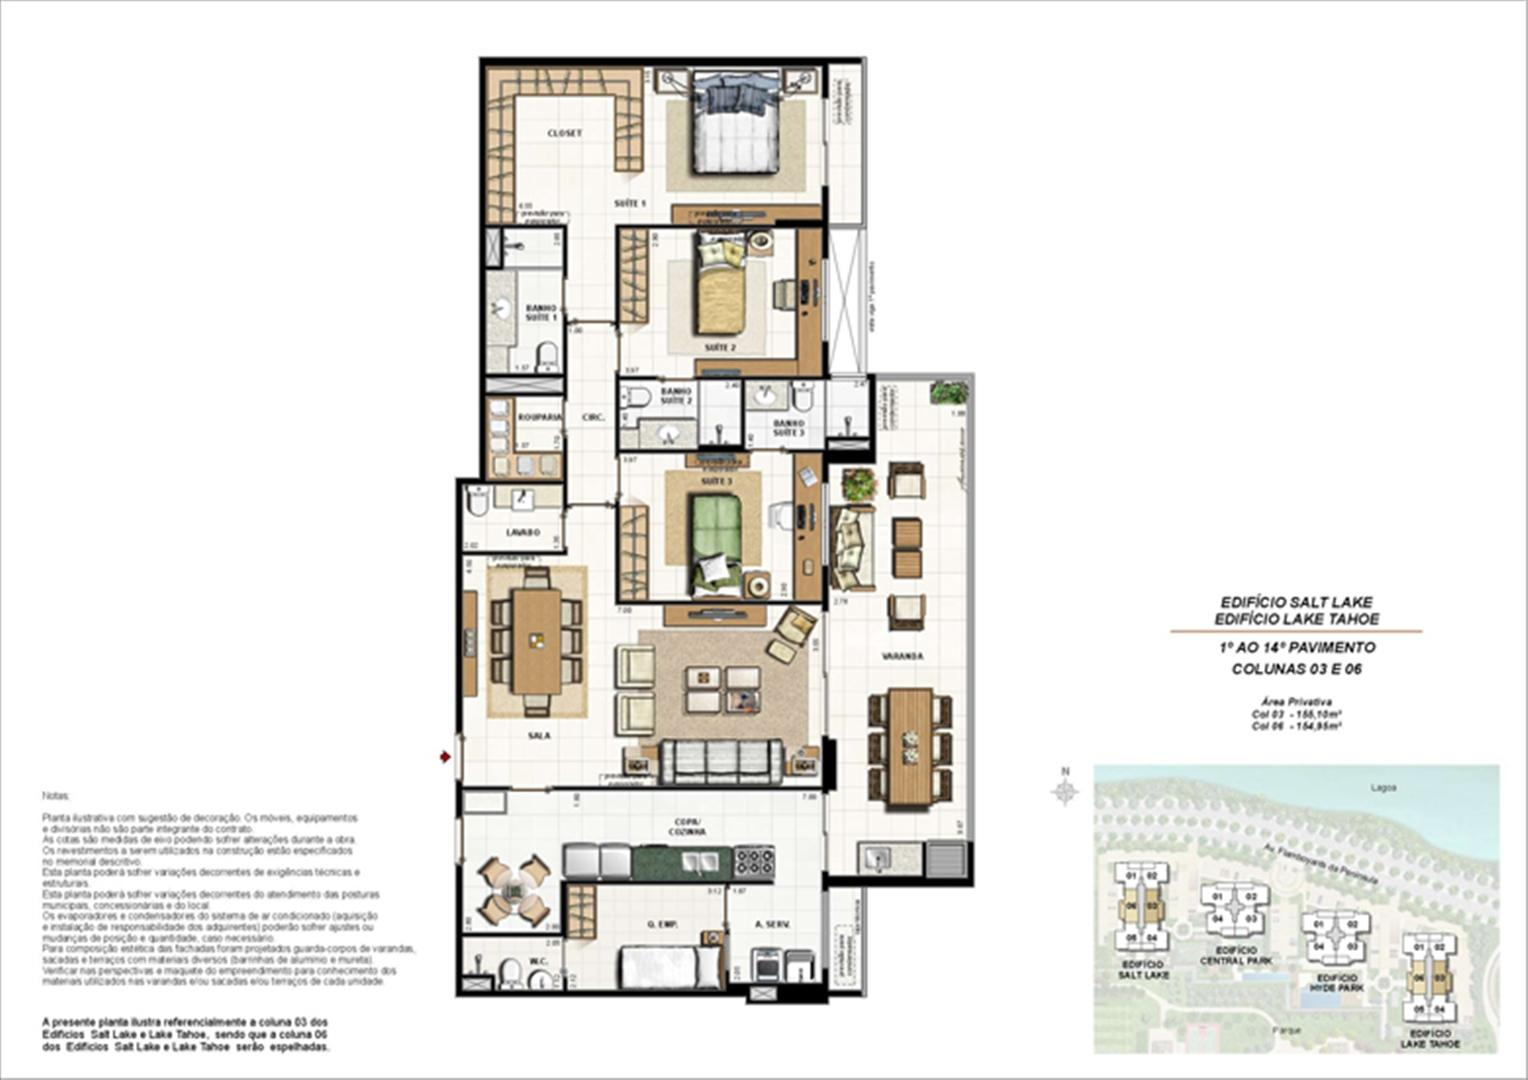 Ed. Salt Lake e Ed. Lake Tahoe - Planta Tipo 155 m² | 360º On The Park – Apartamento na  Barra da Tijuca - Rio de Janeiro - Rio de Janeiro